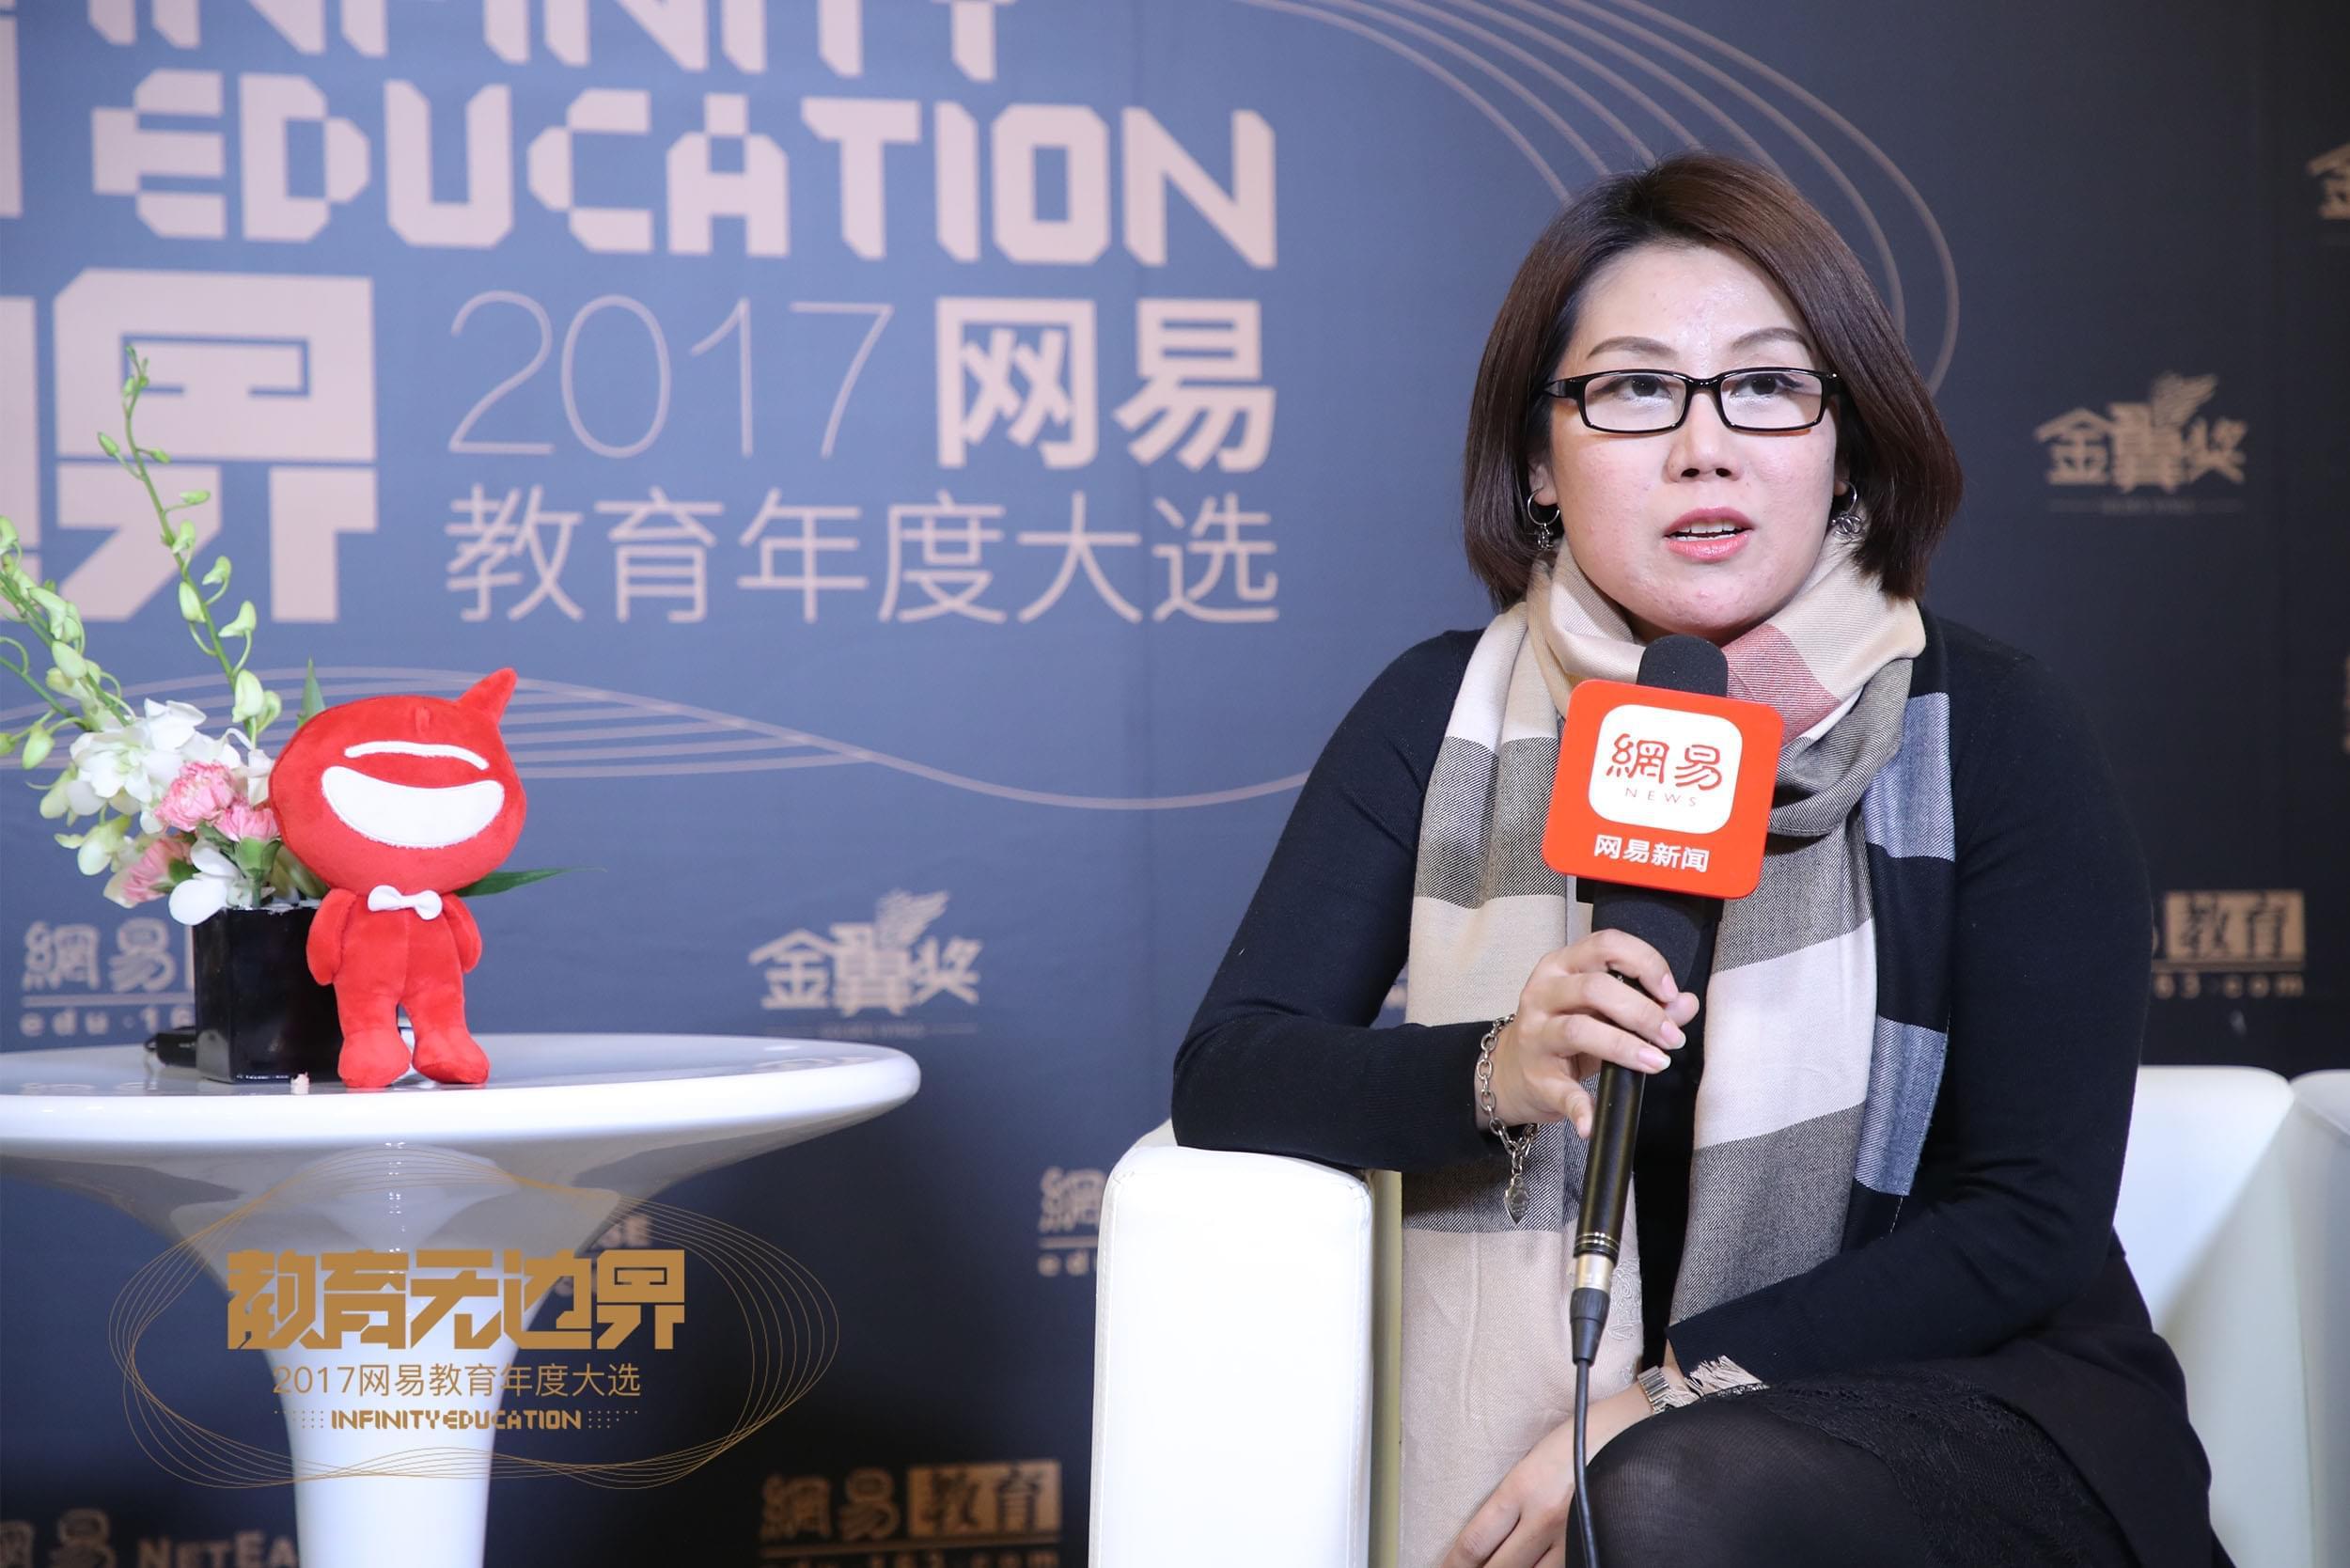 山姆大叔教育集团曹阳:少儿英语系统升级